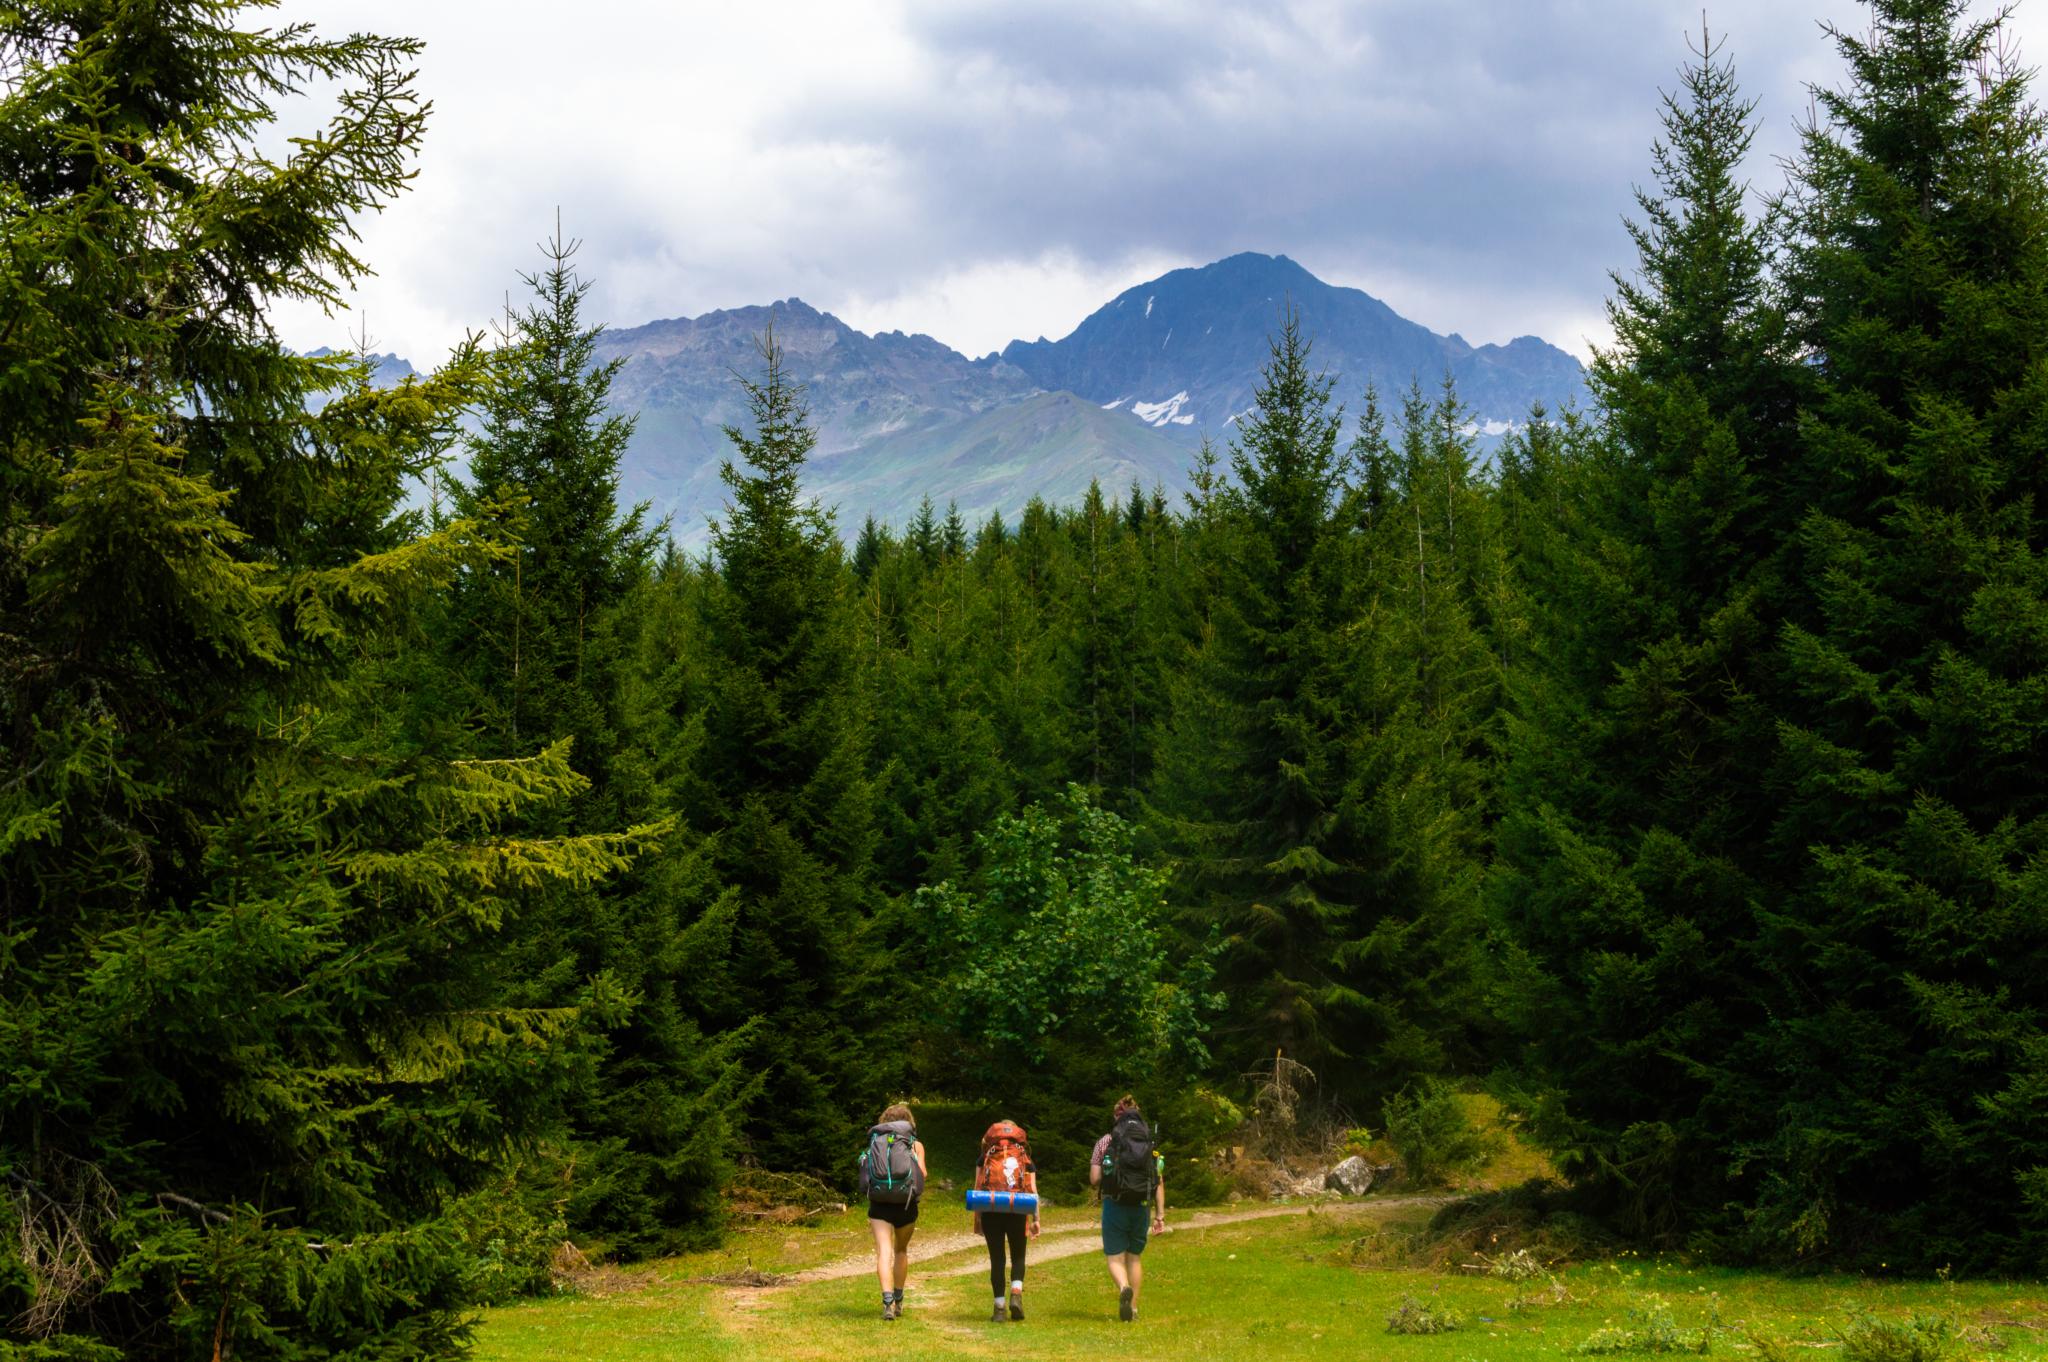 Регион Сванети в Грузии - самая высокая обитаемая зона в Европе.